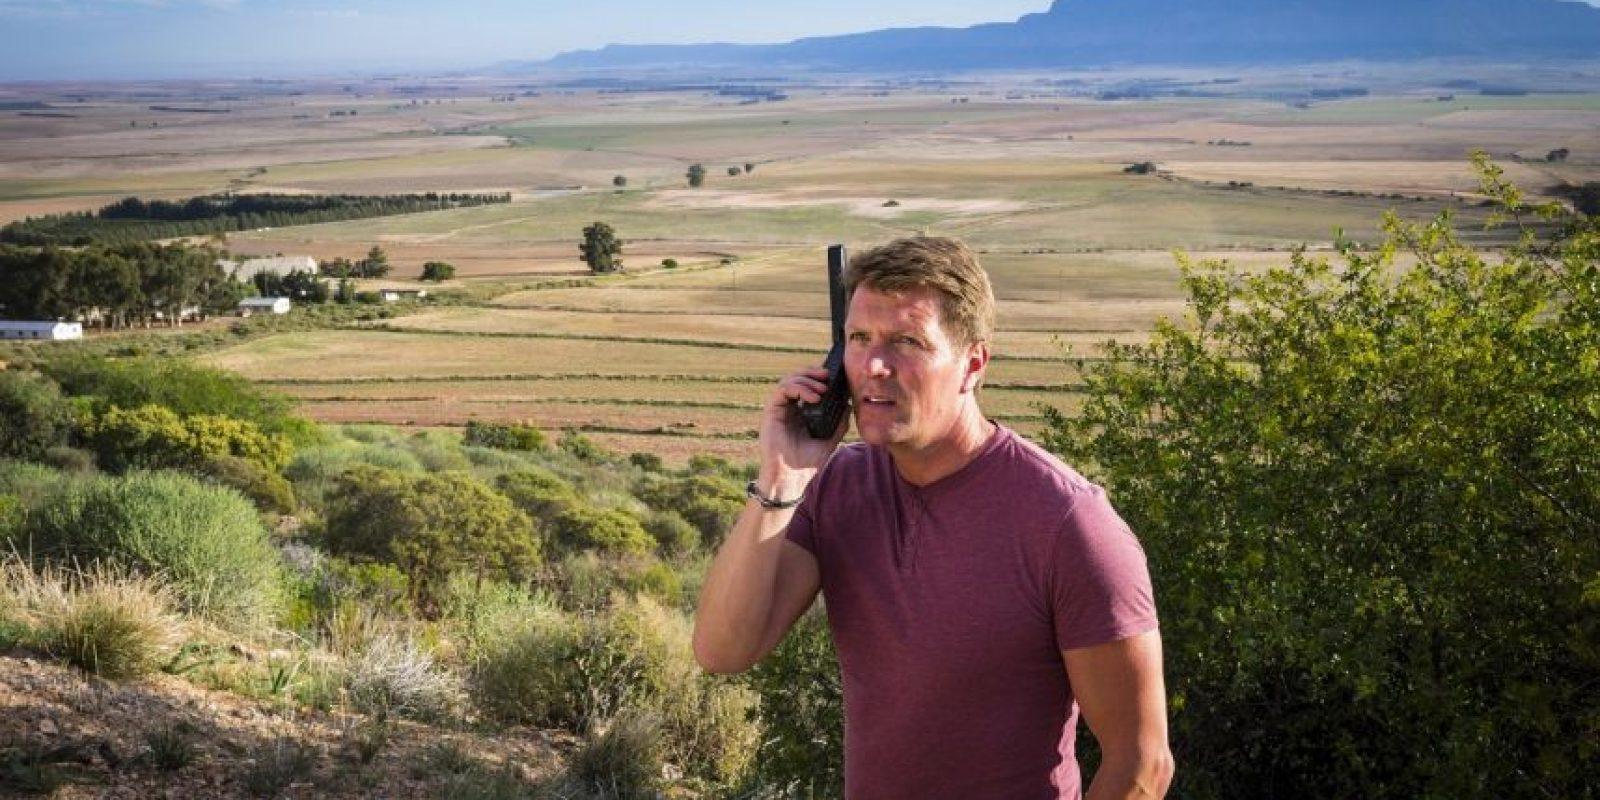 Los teléfonos satelitales permiten comunicarse en lugares de escasa señal. Foto:gentileza de Tesacom. Imagen Por: